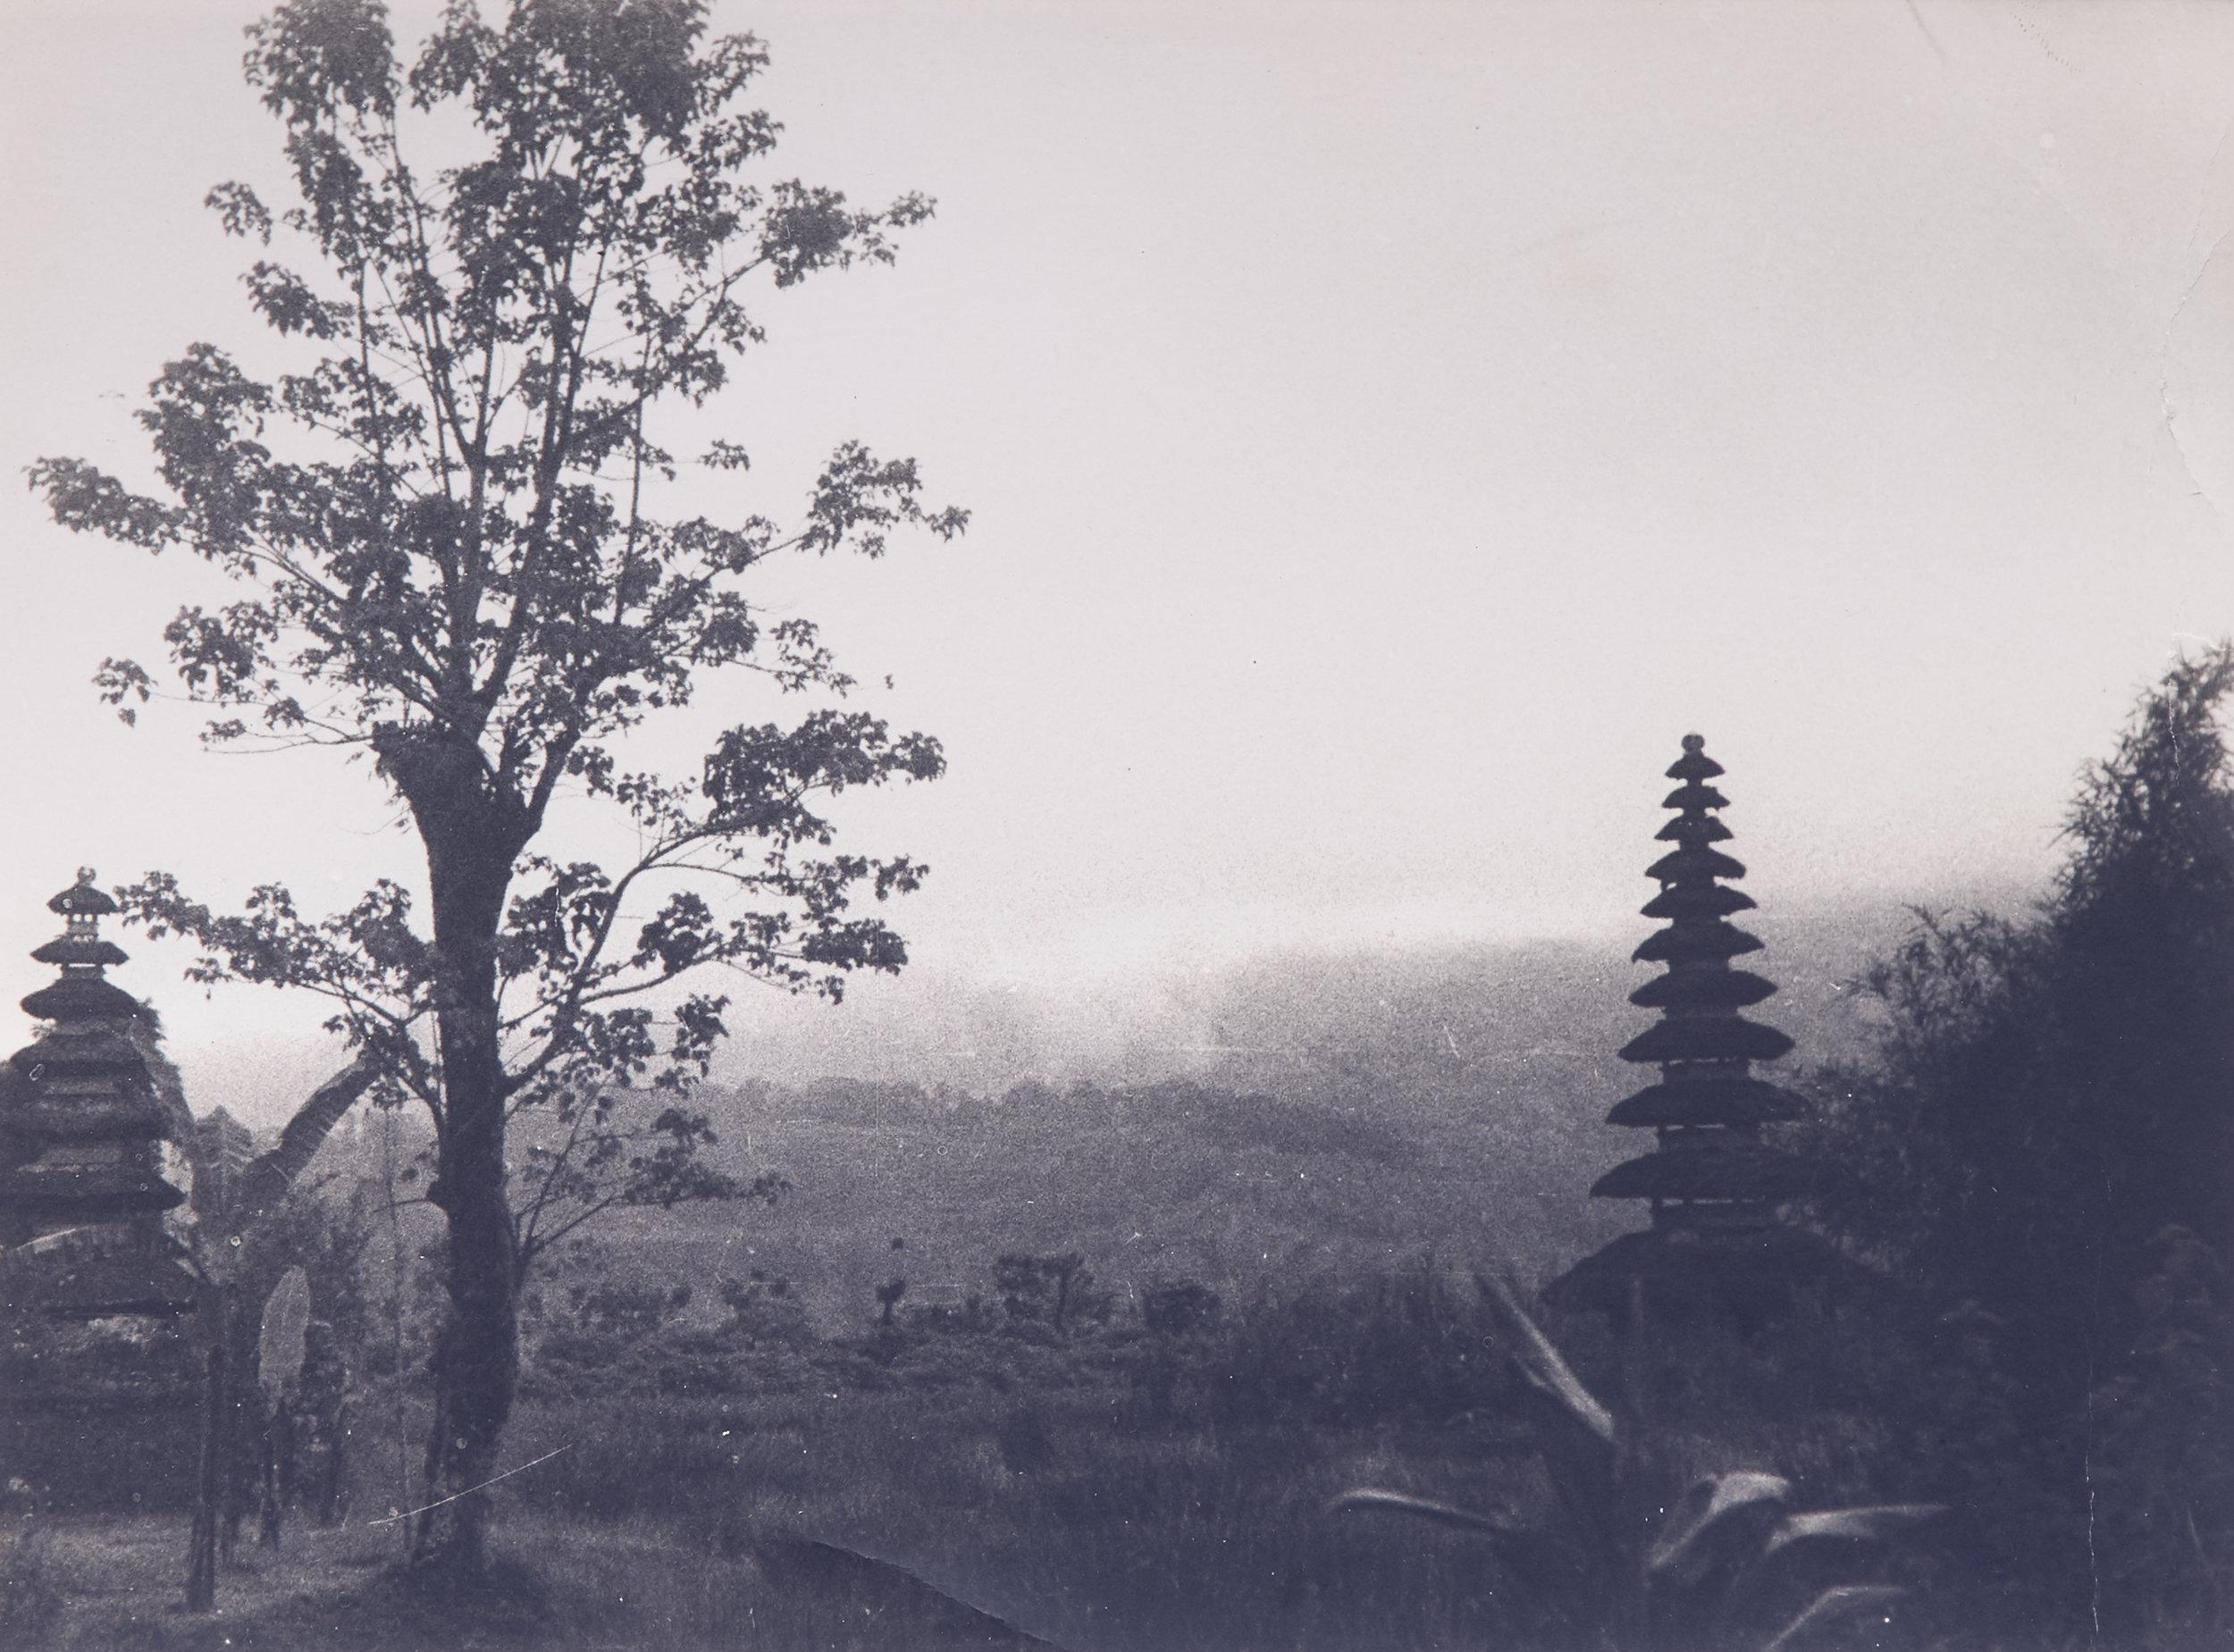 Arthur Fleischmann, Temples in the Mist, gelatin silver print, 15.5 x 21 cm.